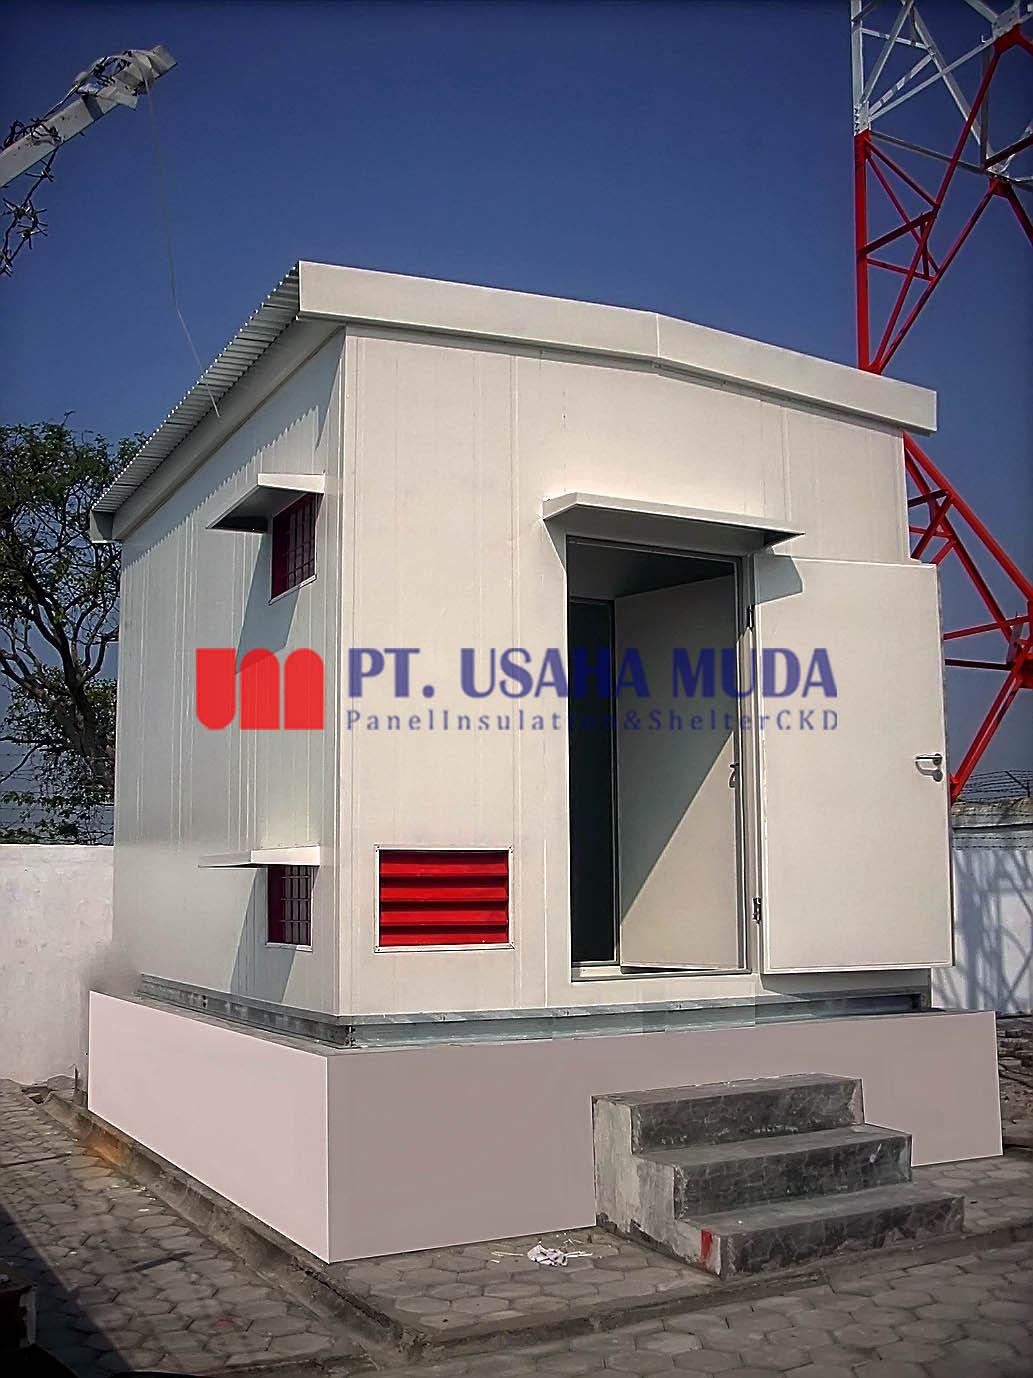 Galeri 1 Shelter CKD Telkom Flexy